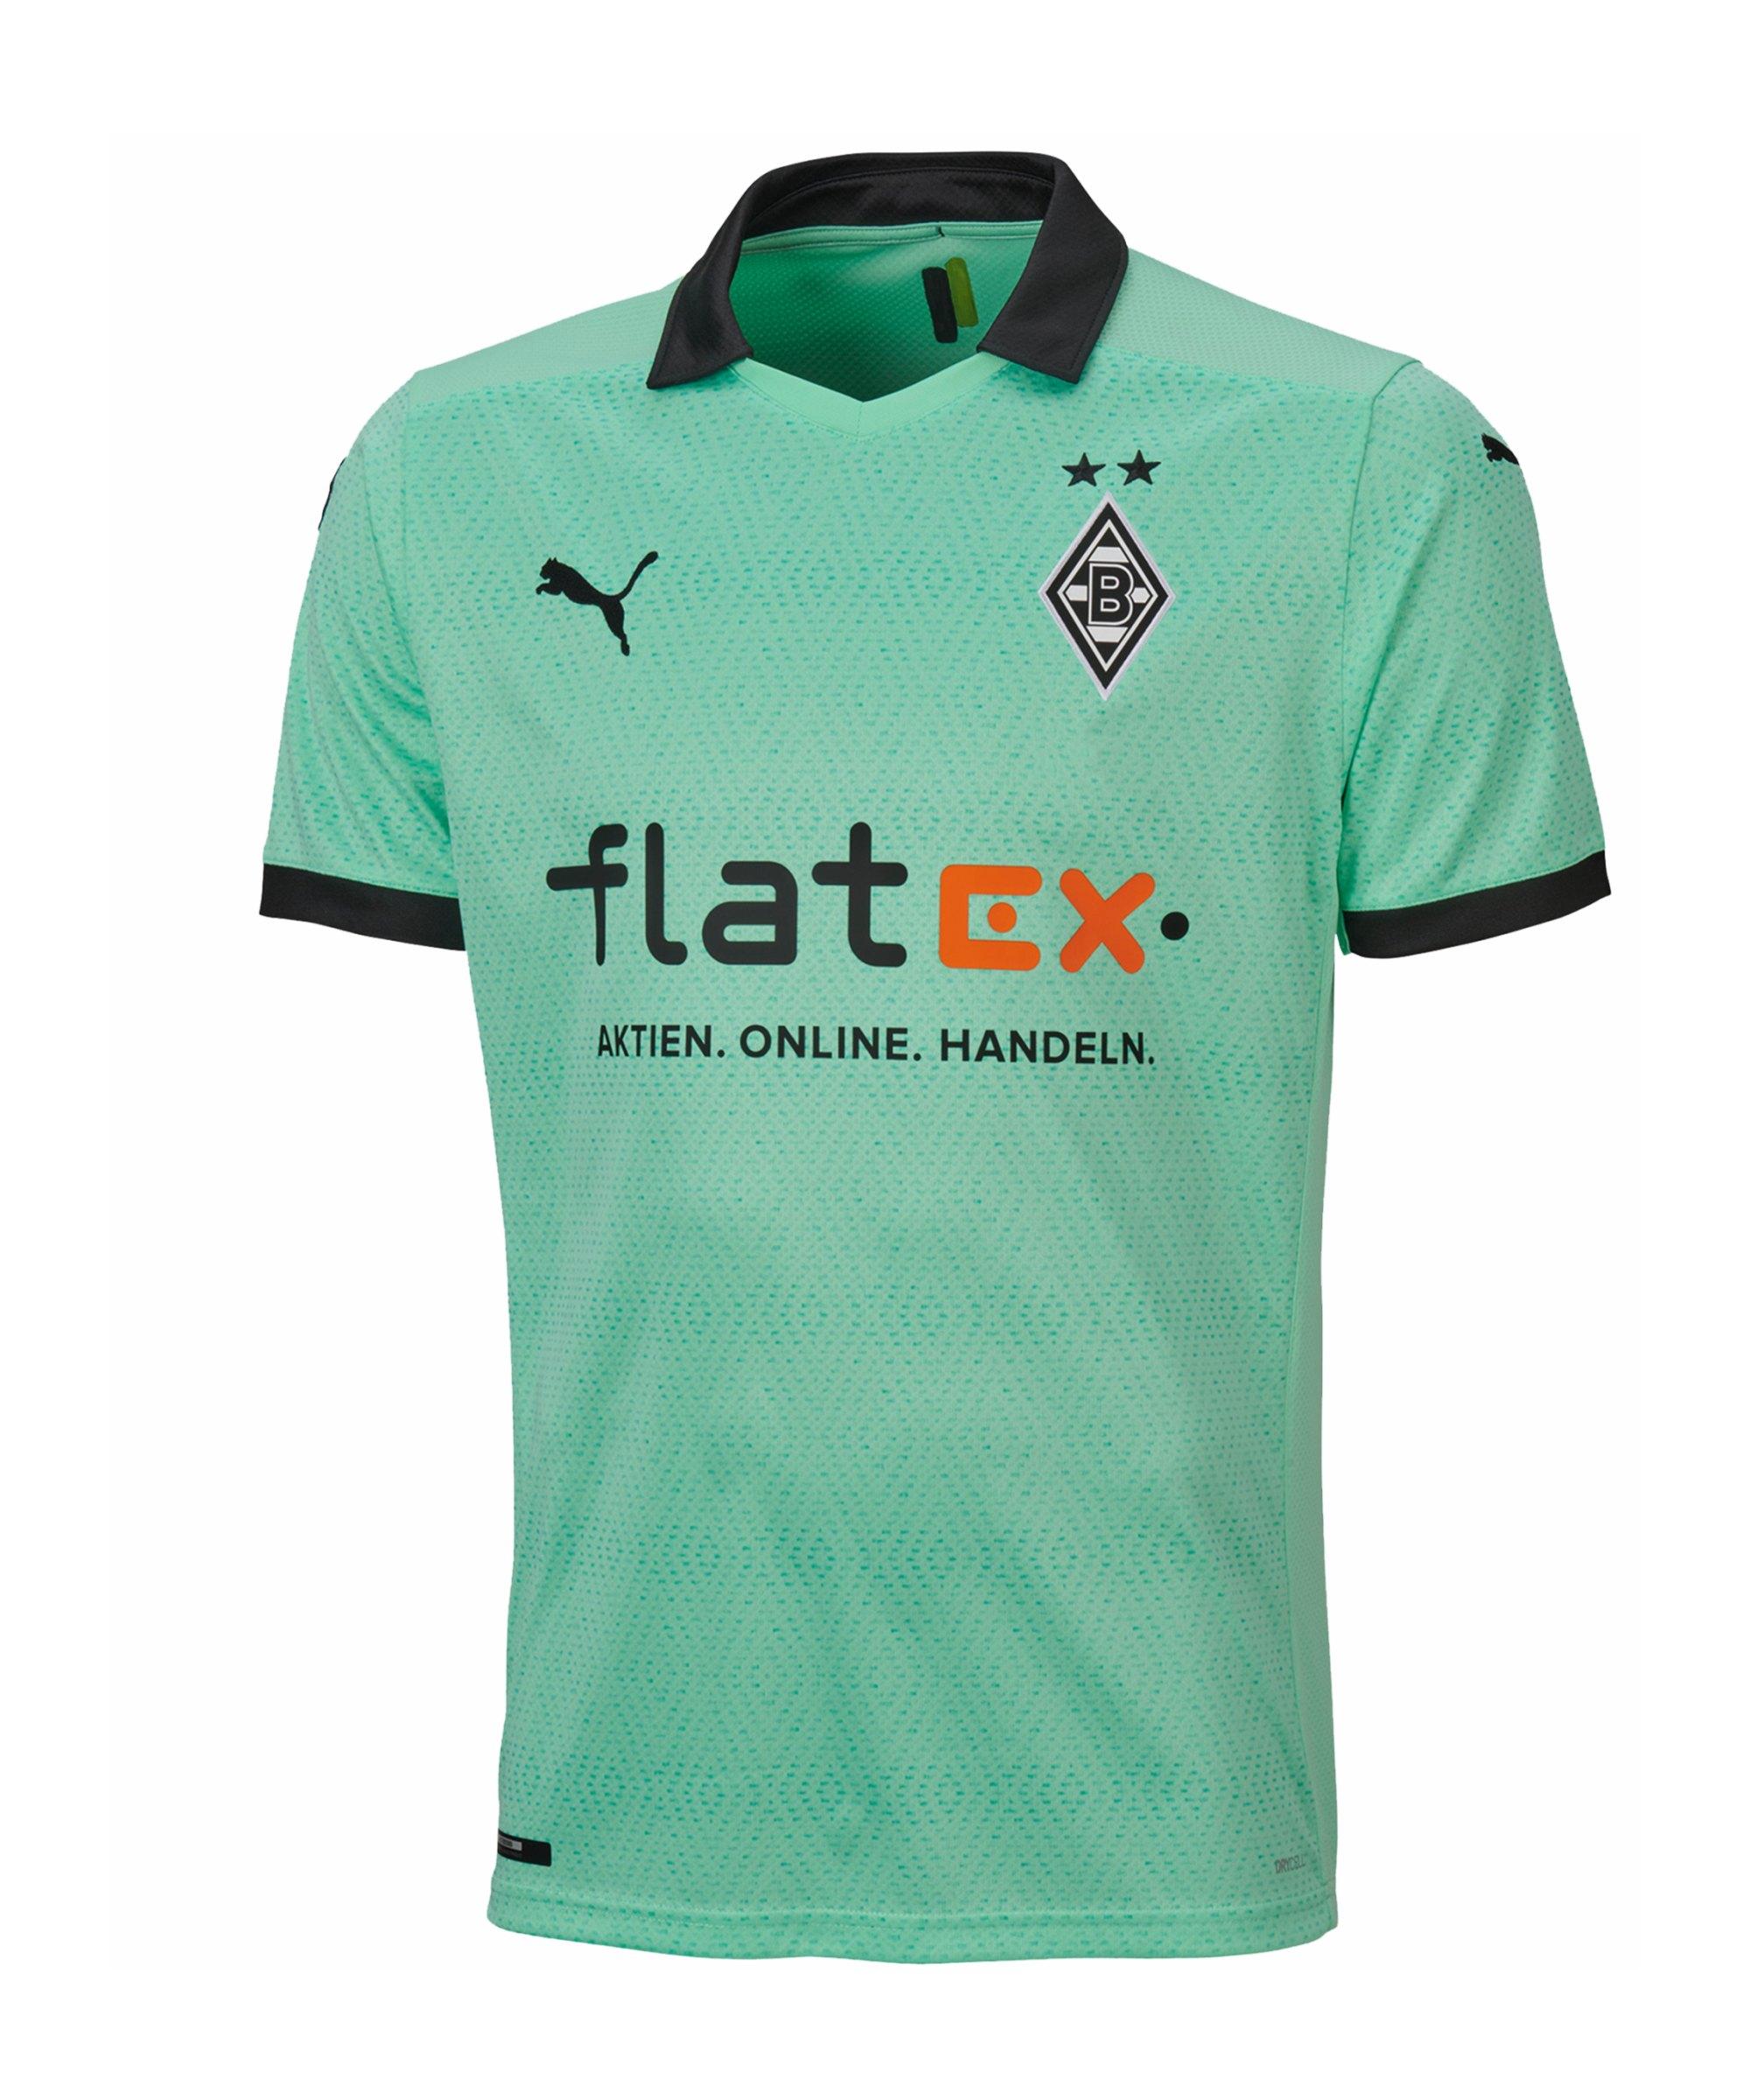 PUMA Borussia Mönchengladbach Trikot 3rd 2020/2021 Kids Grün F03 - gruen